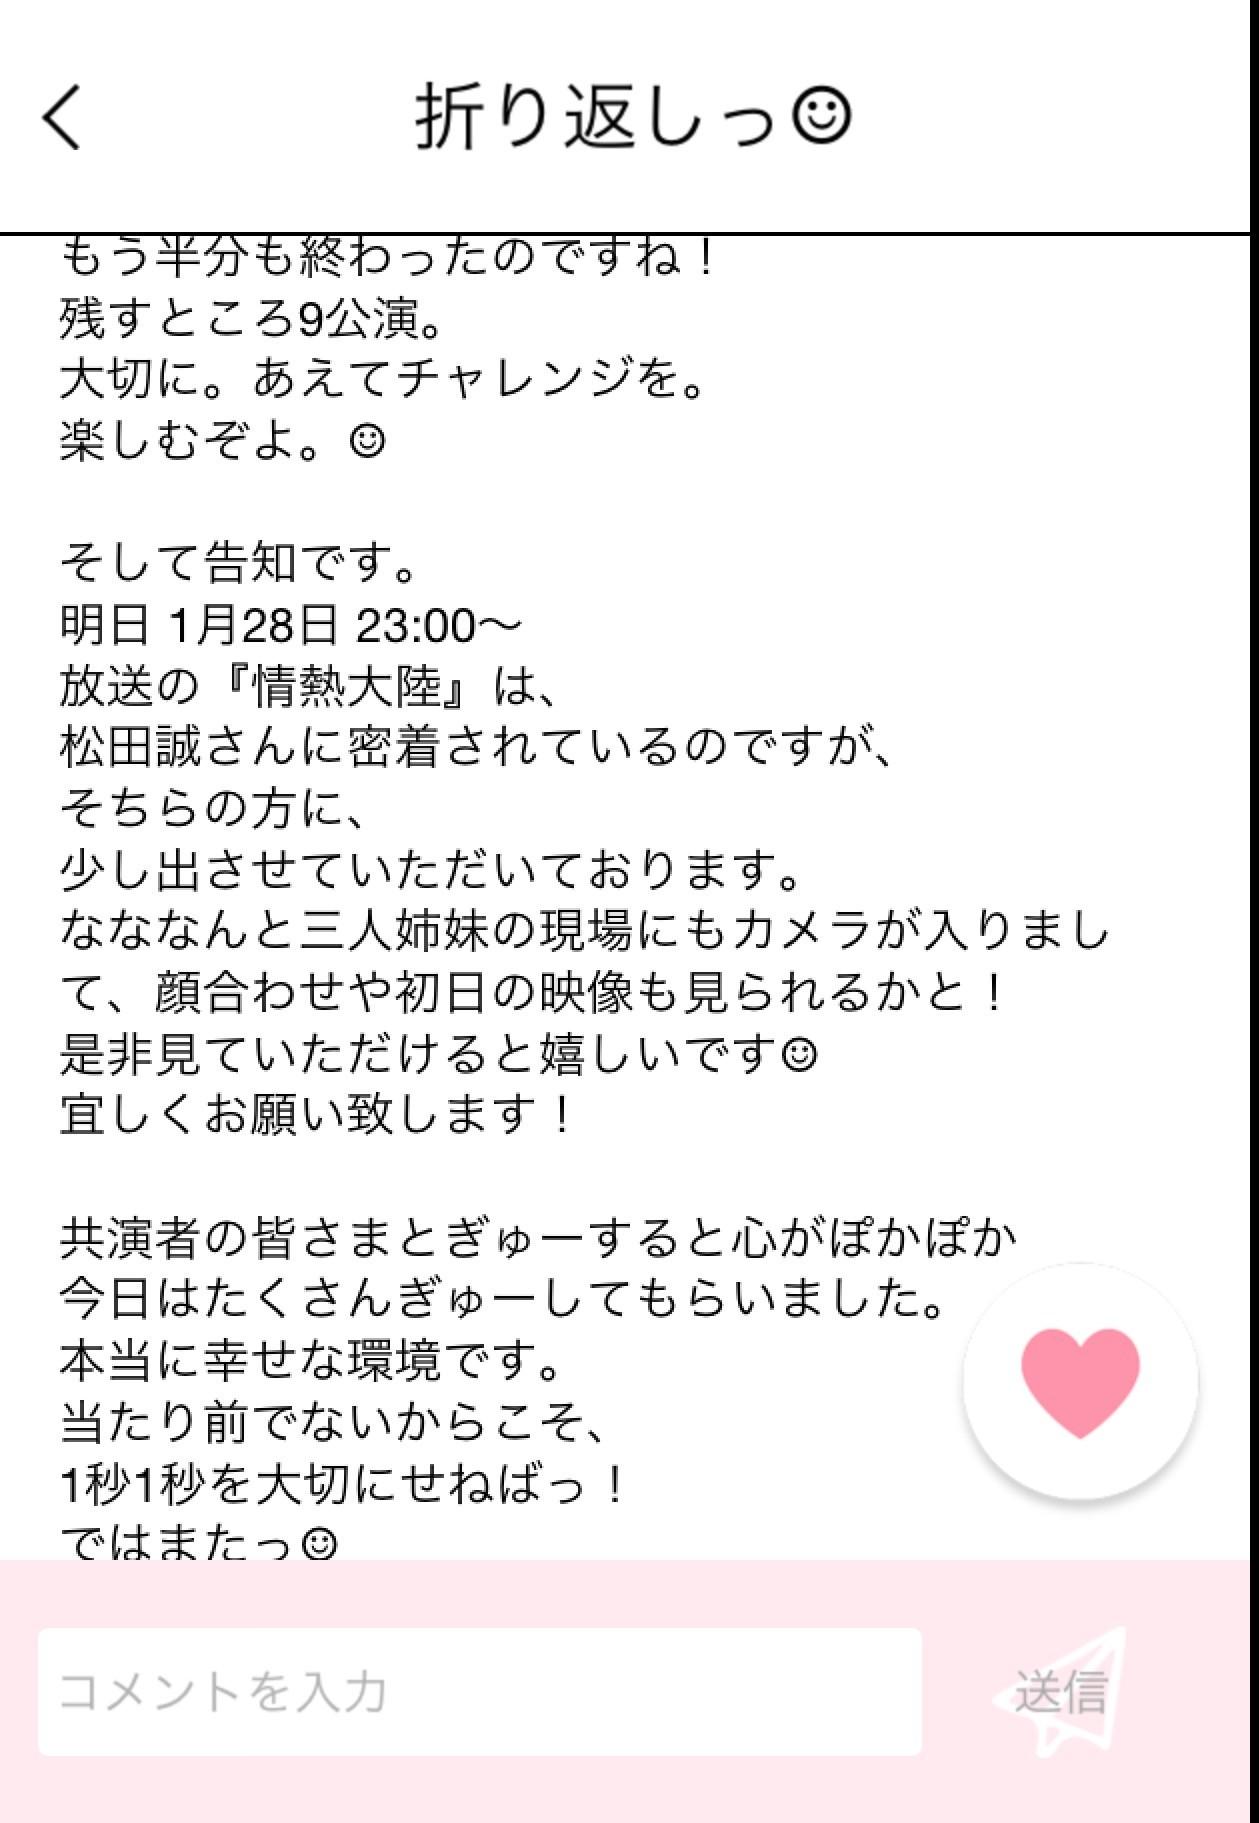 久保史緒里 STブログ